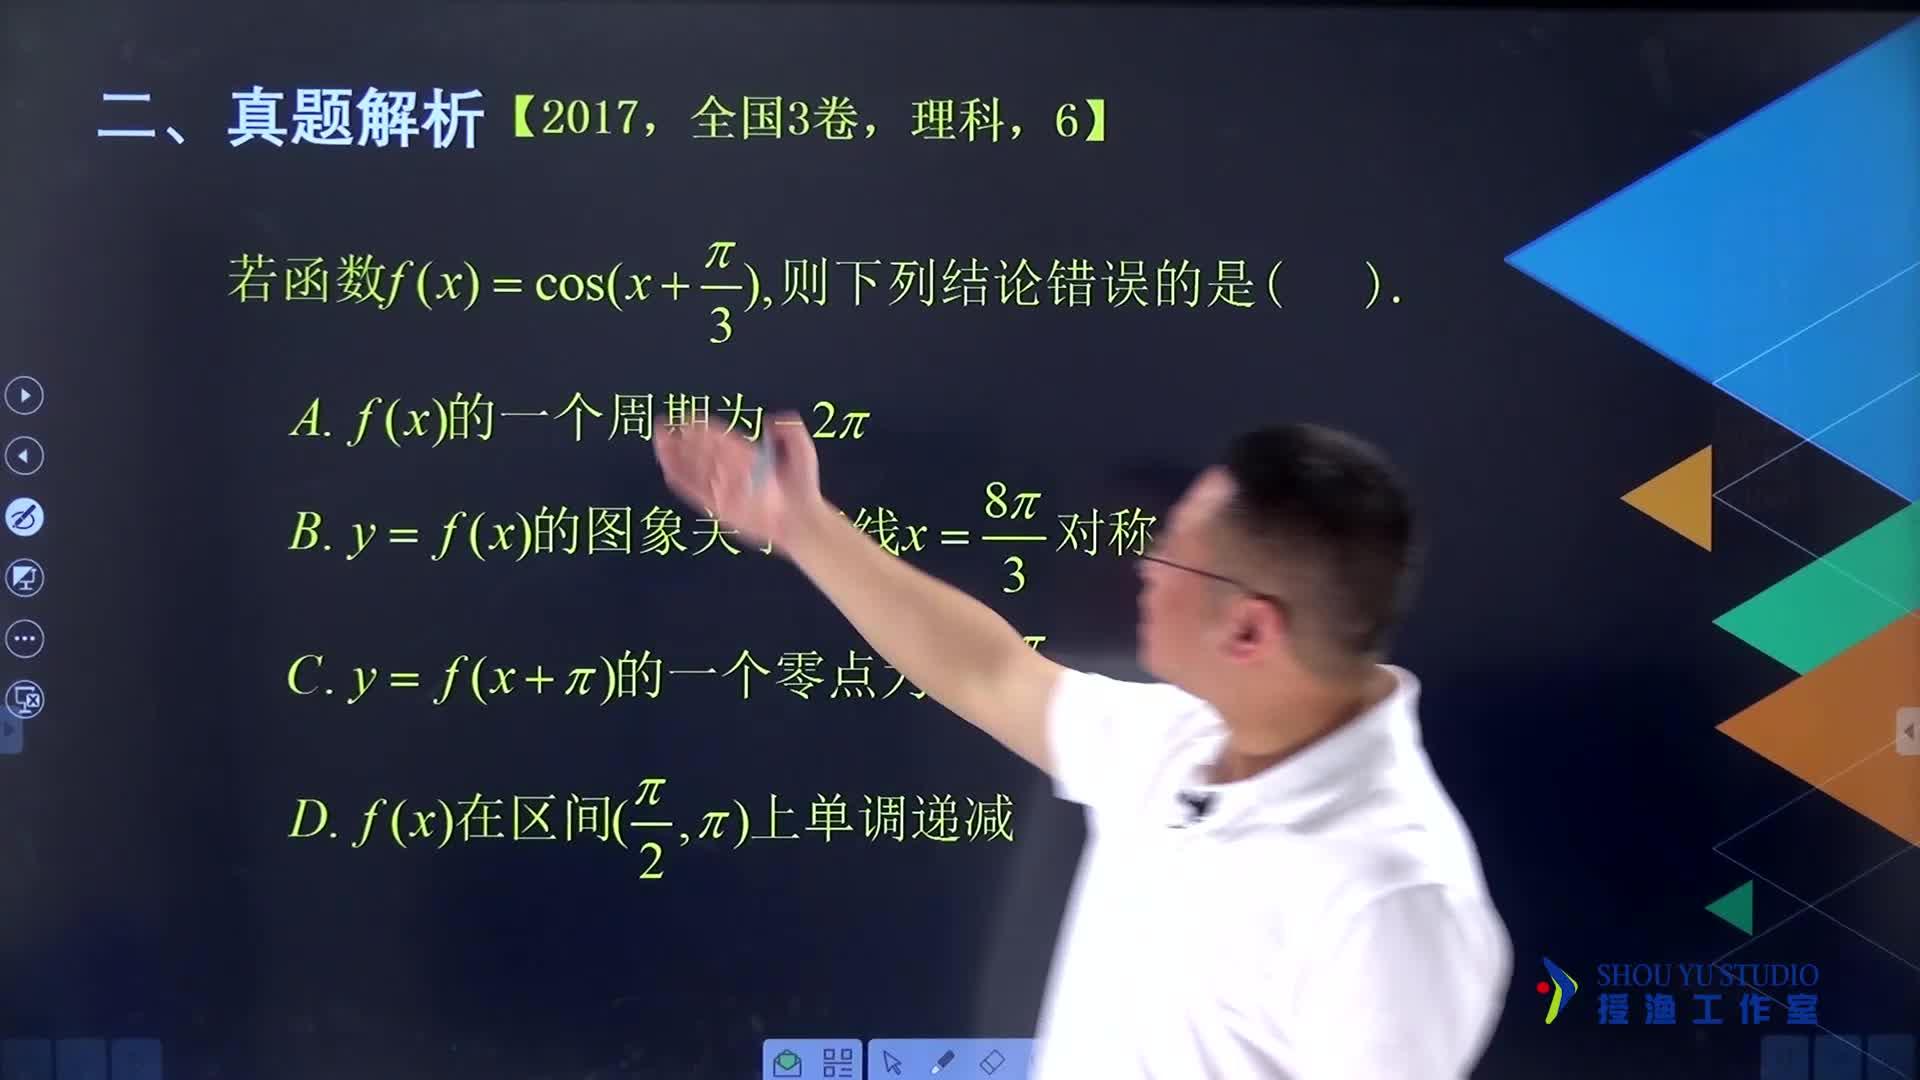 真题解析03 三角函数的性质本质-高考数学真题《四十二章经》解密刷题的真相(视频)